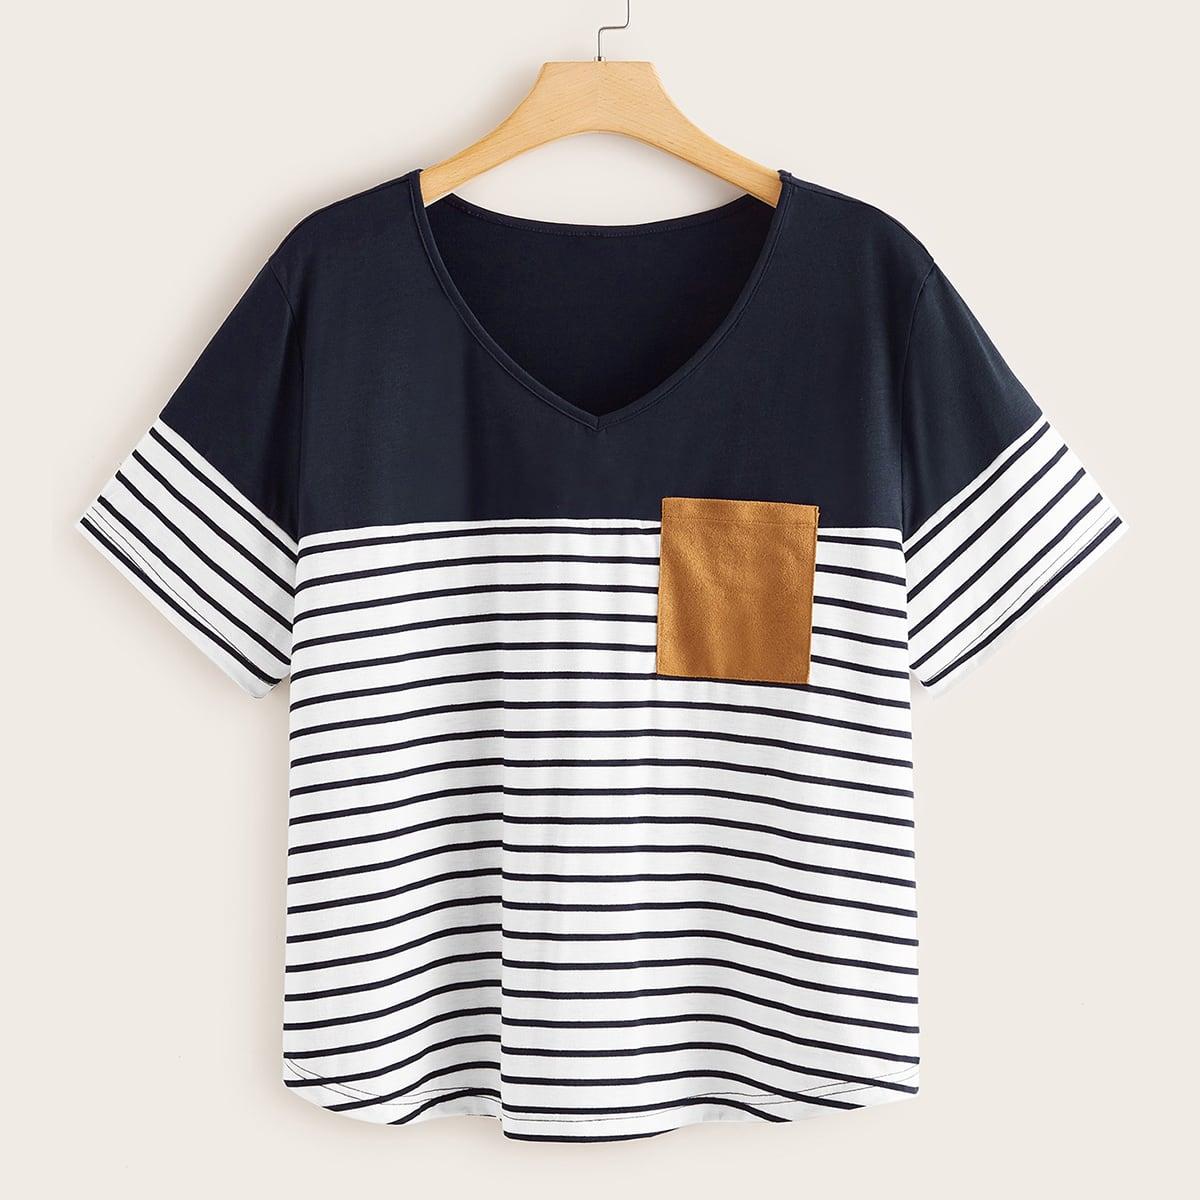 SHEIN / Große Größen - T-Shirt mit Kontrast Einsatz und Streifen